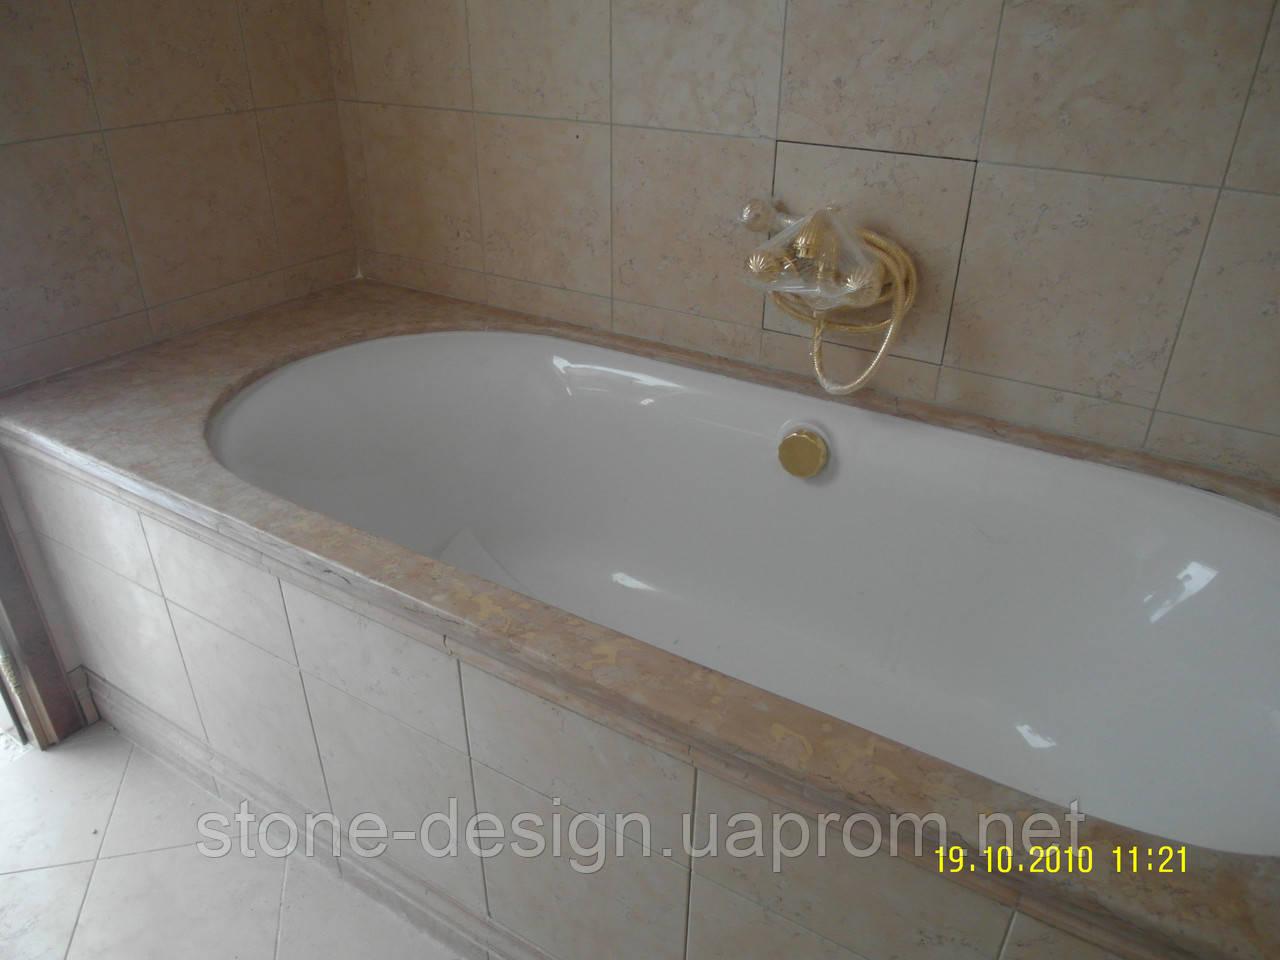 Столешница в ванную комнату из натурального камня 2 - STONE DESIGN в Киеве